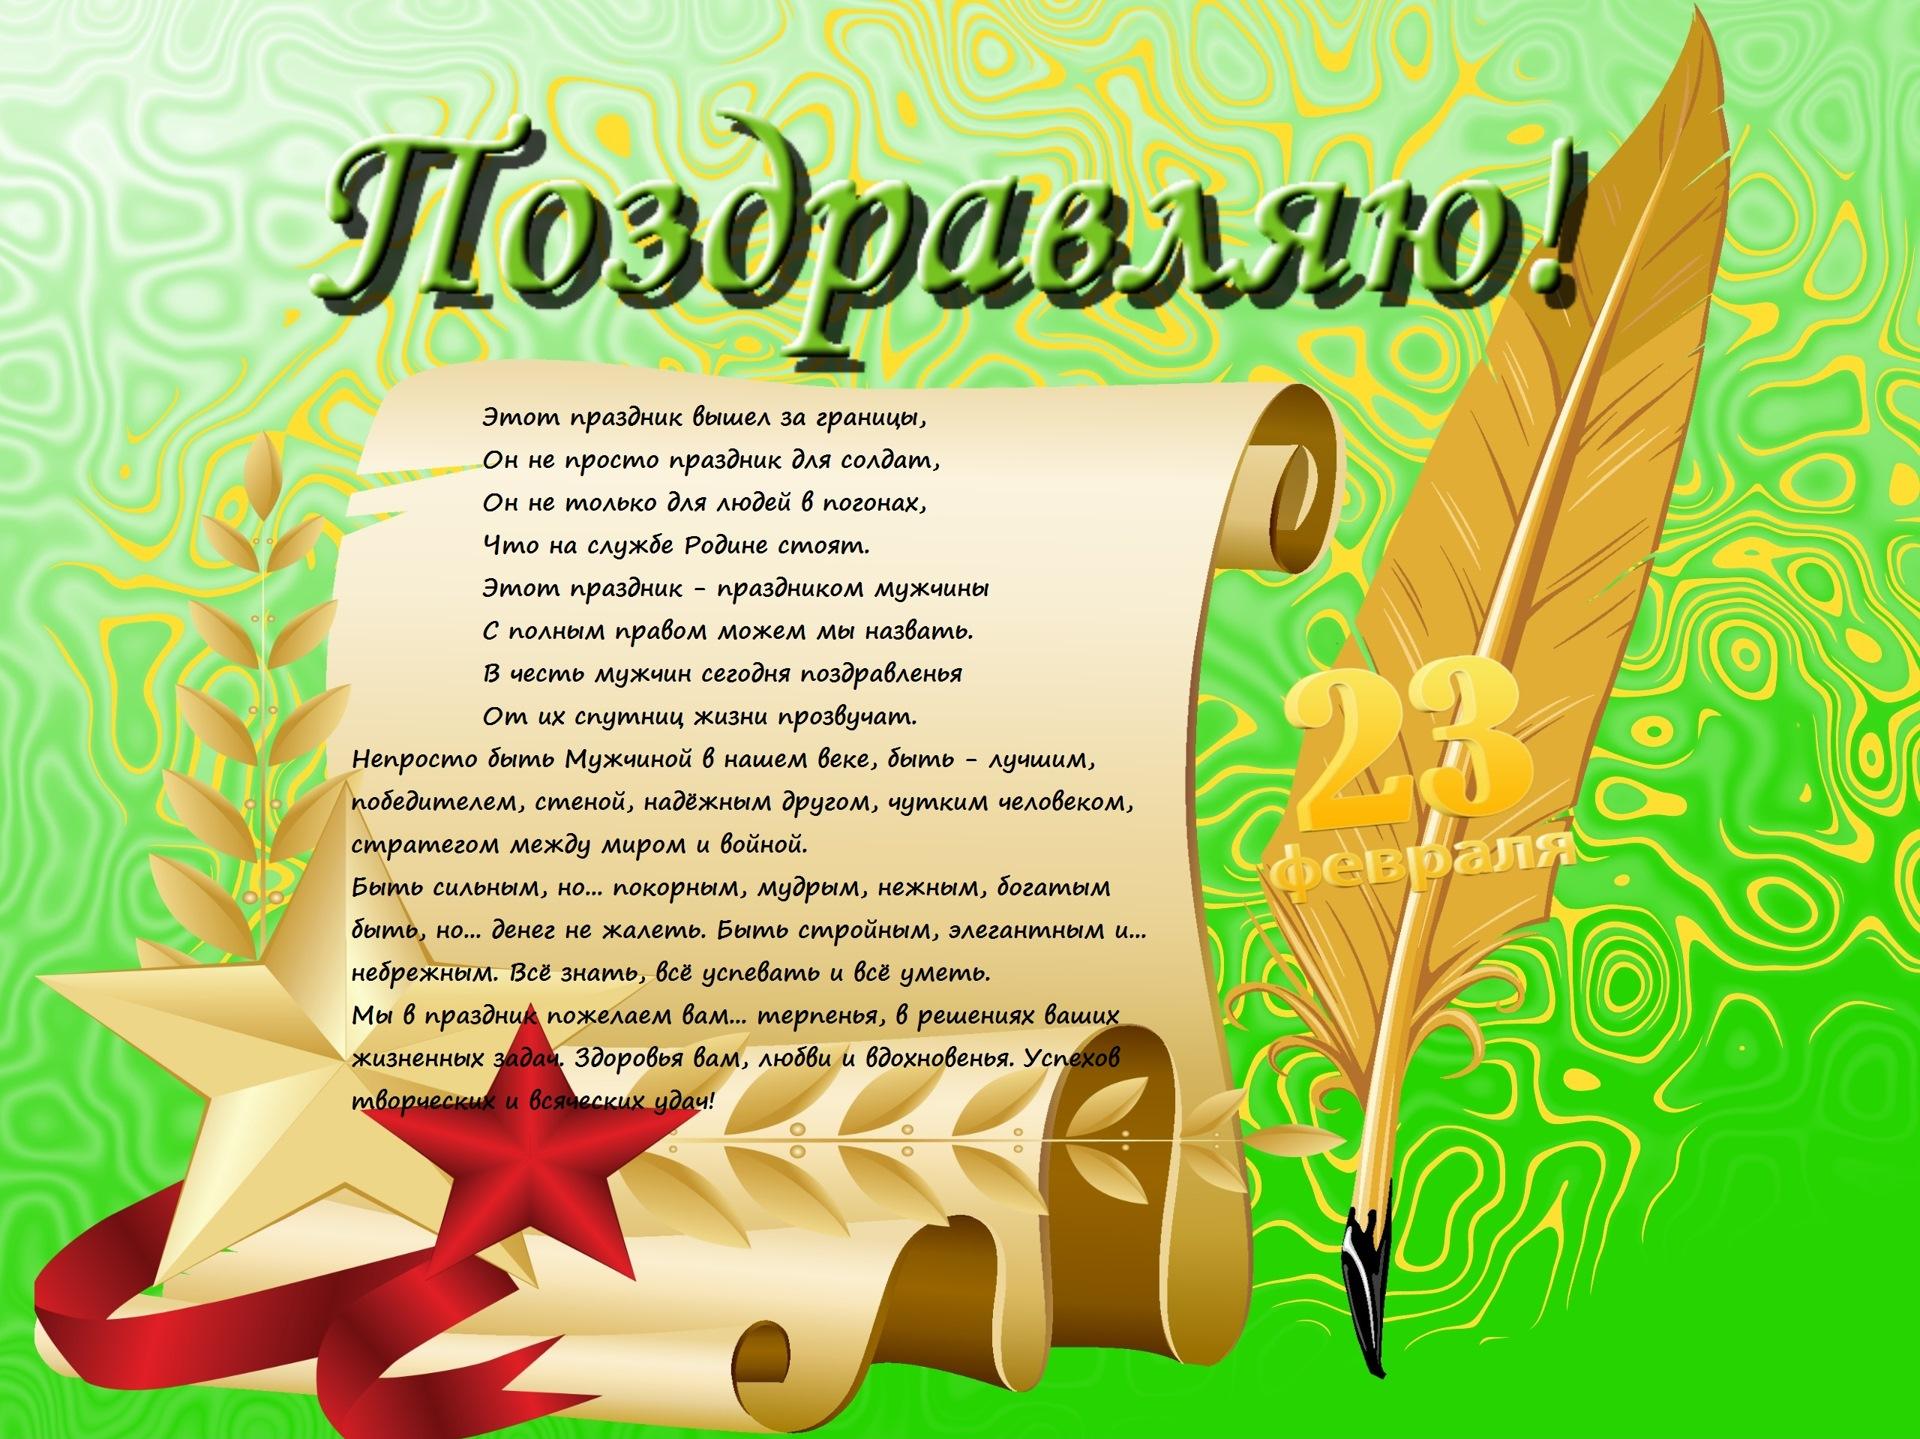 стихи про защитников отечества на 23 февраля мясокомбинат приступил